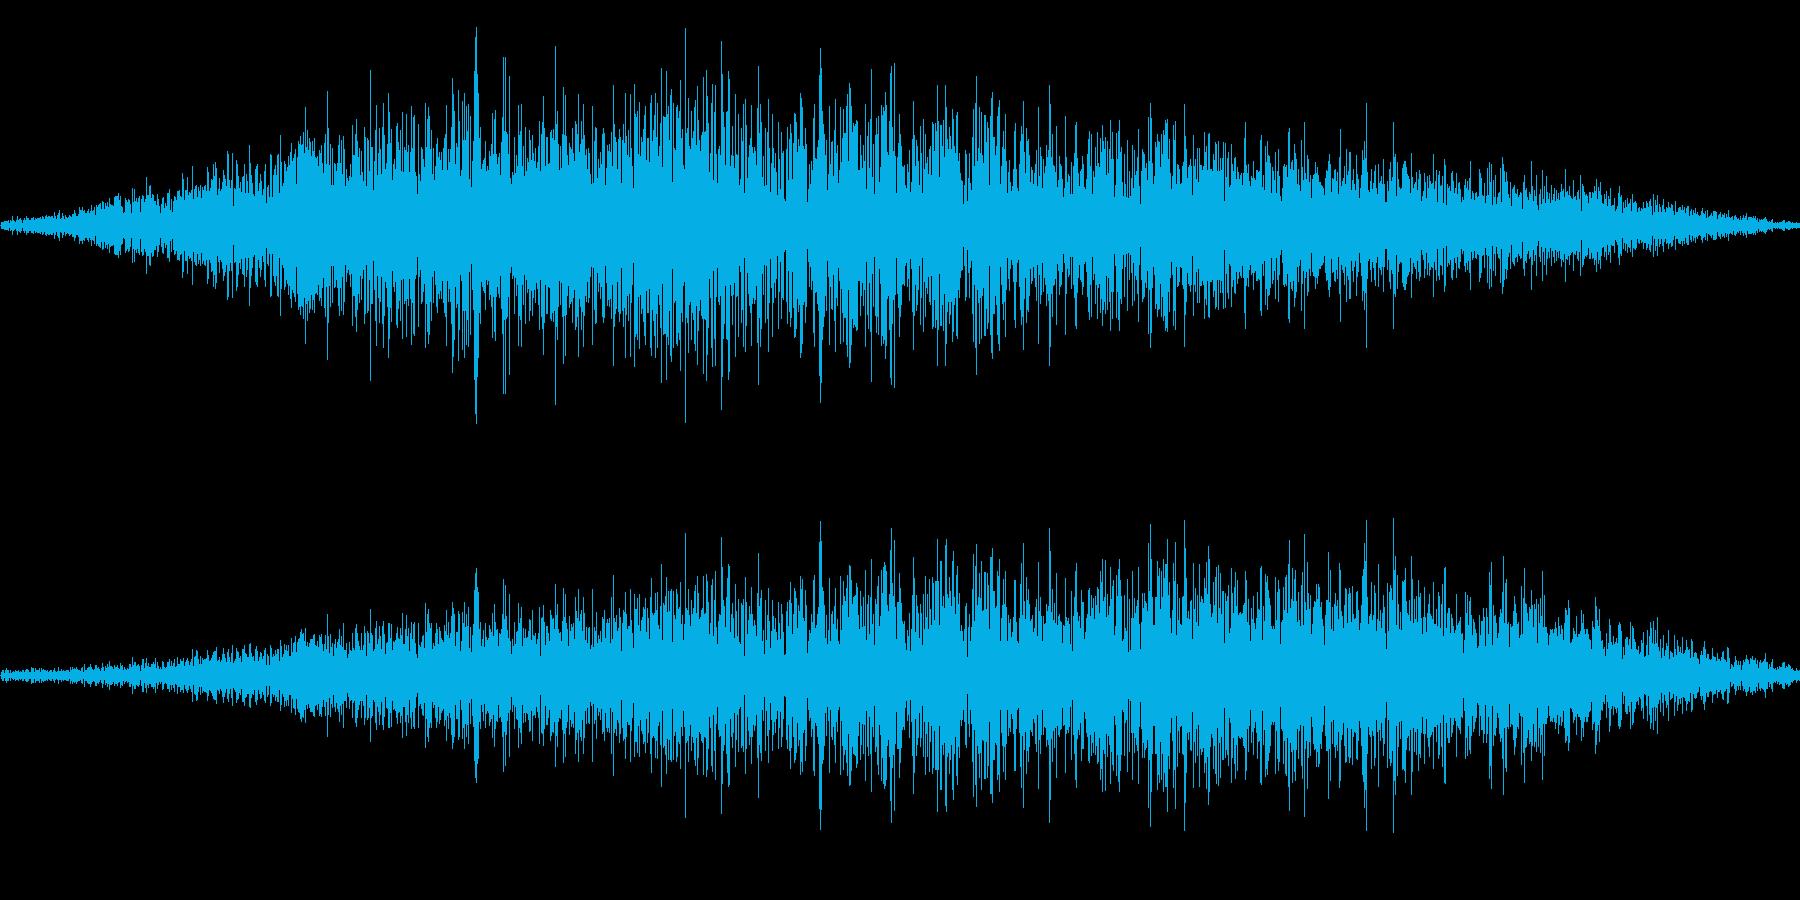 スワイプ音/風切り音/キャンセル音 9の再生済みの波形